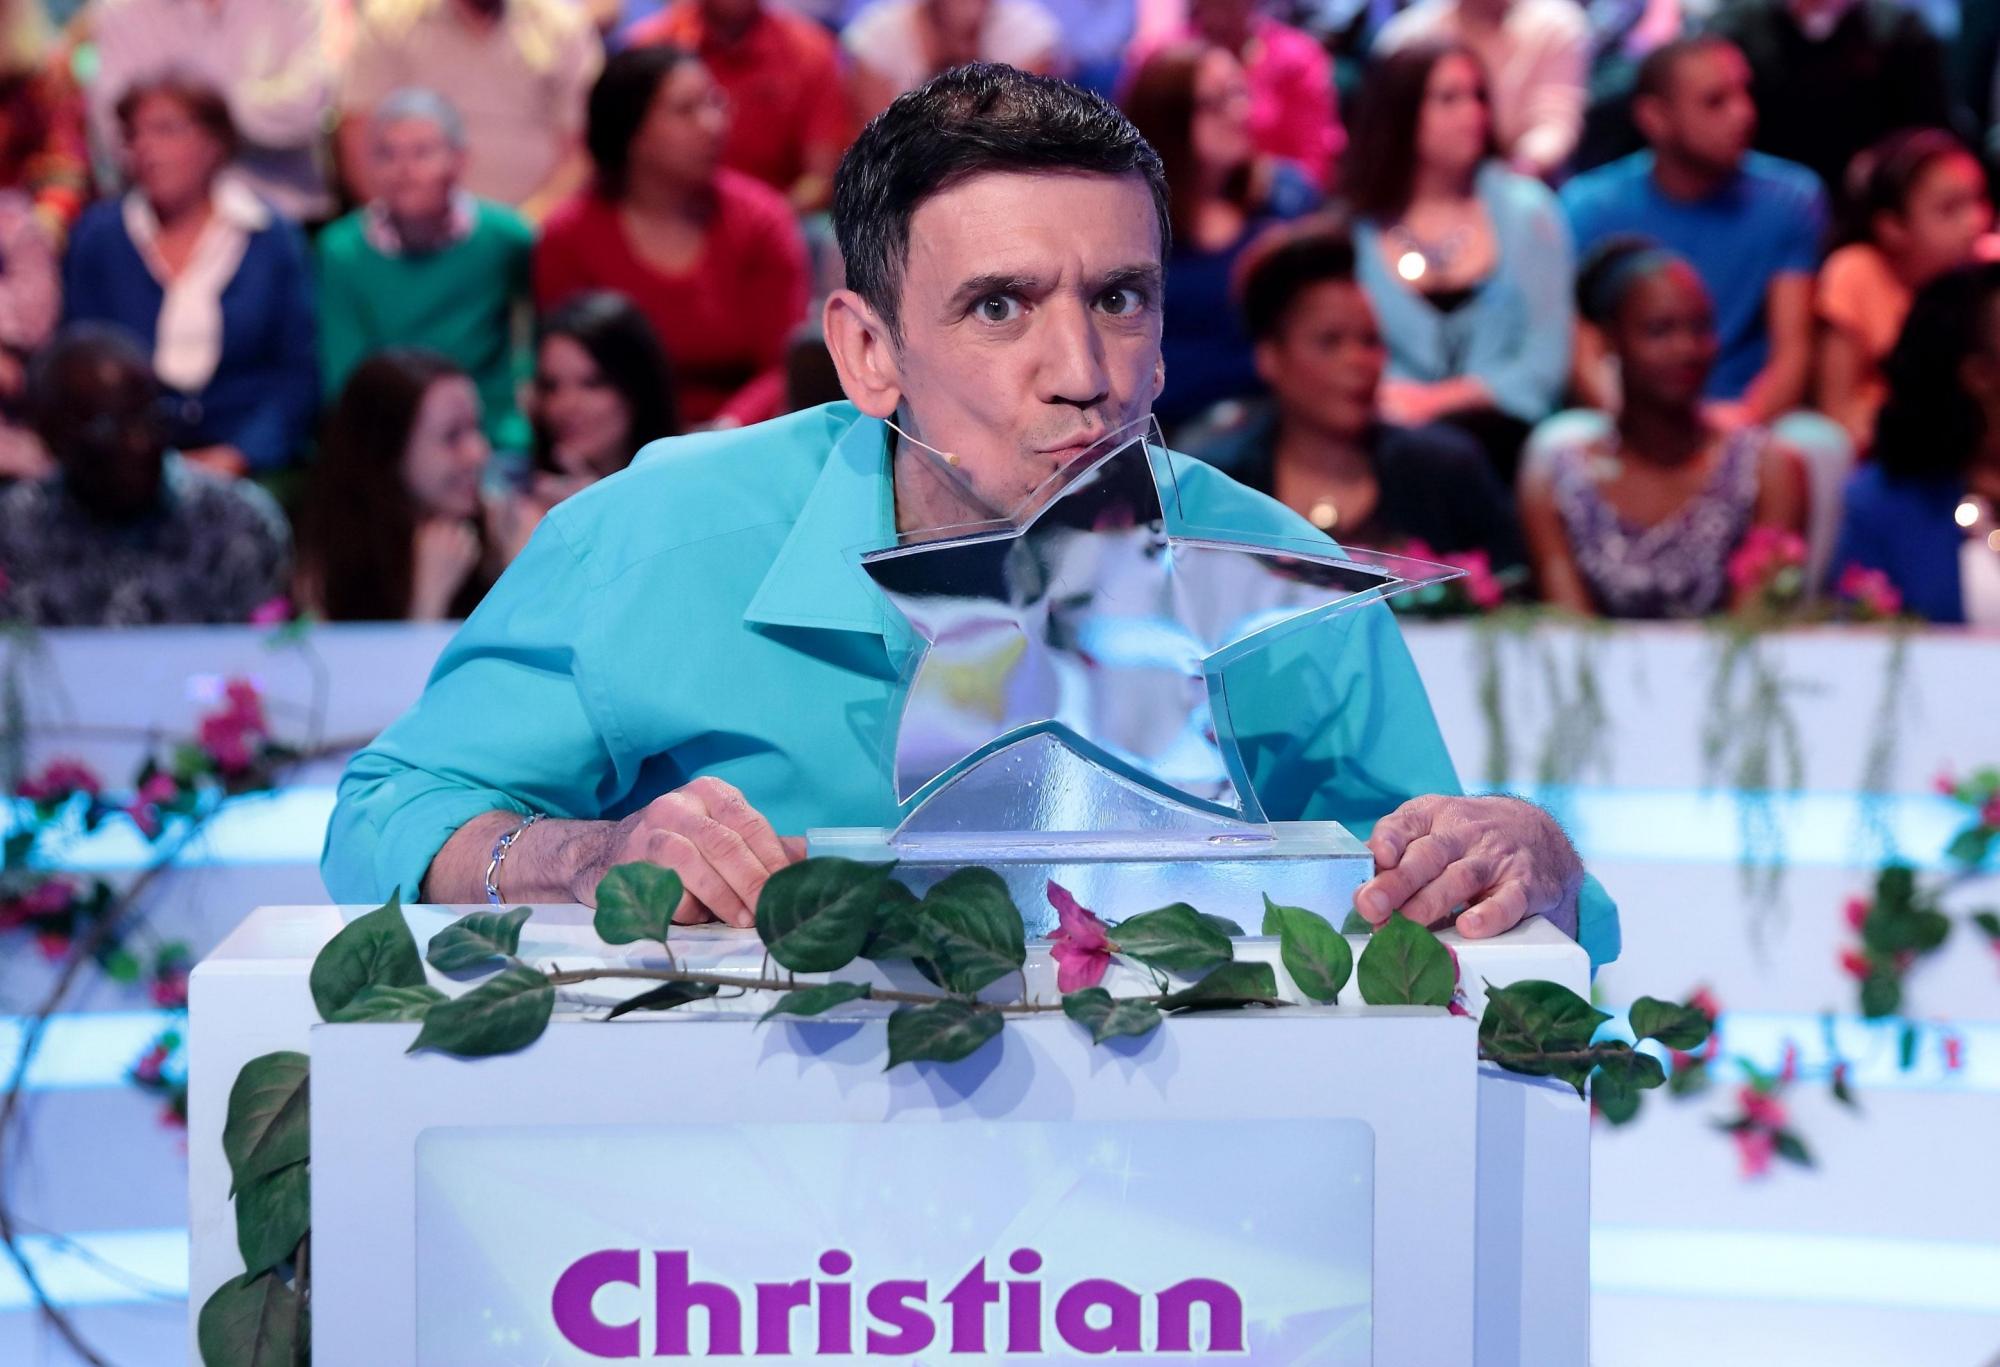 Douze coups de midi: Christian qualifié pour une 175ème participation